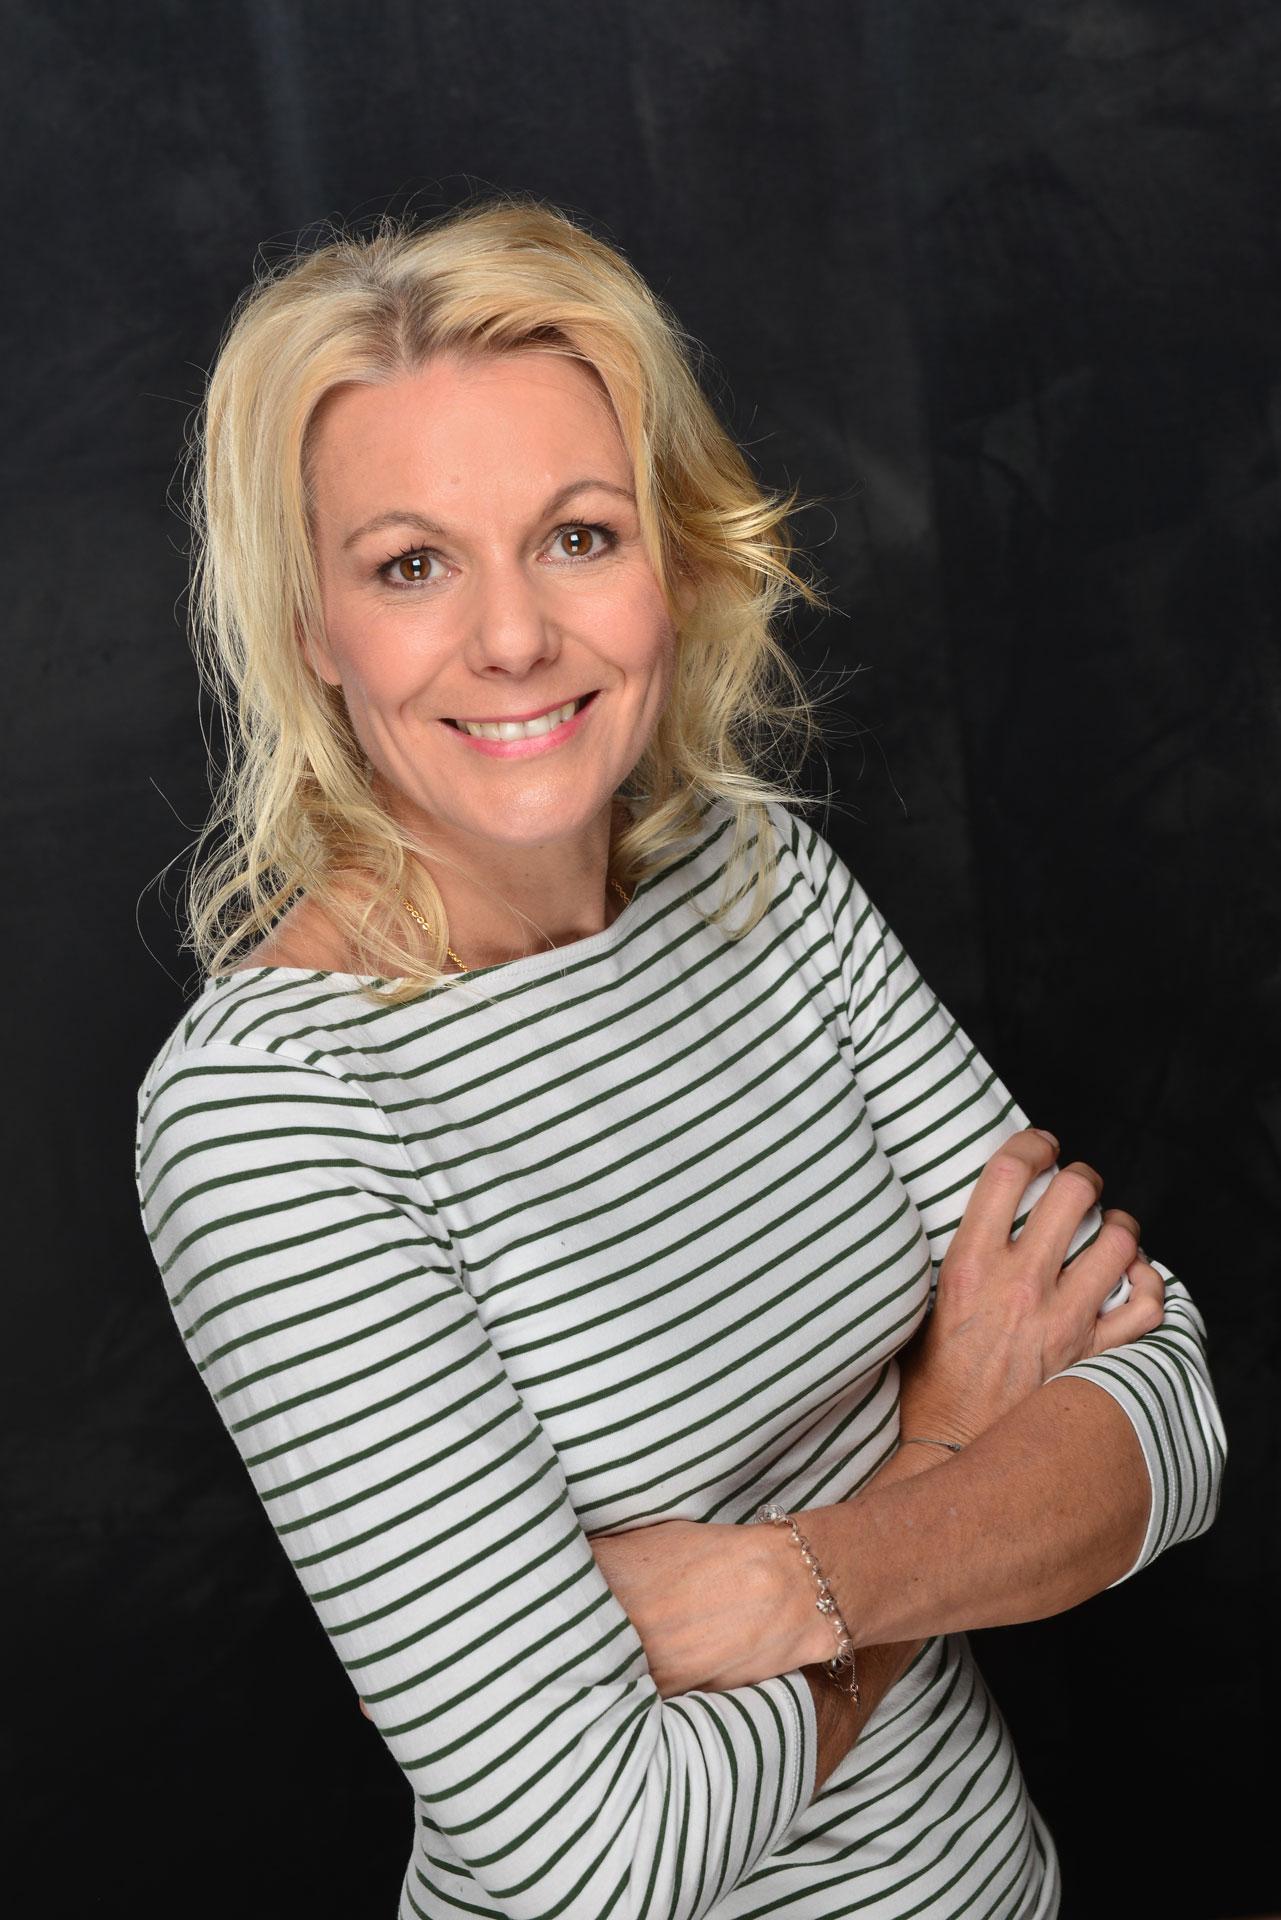 Julia Zimmern